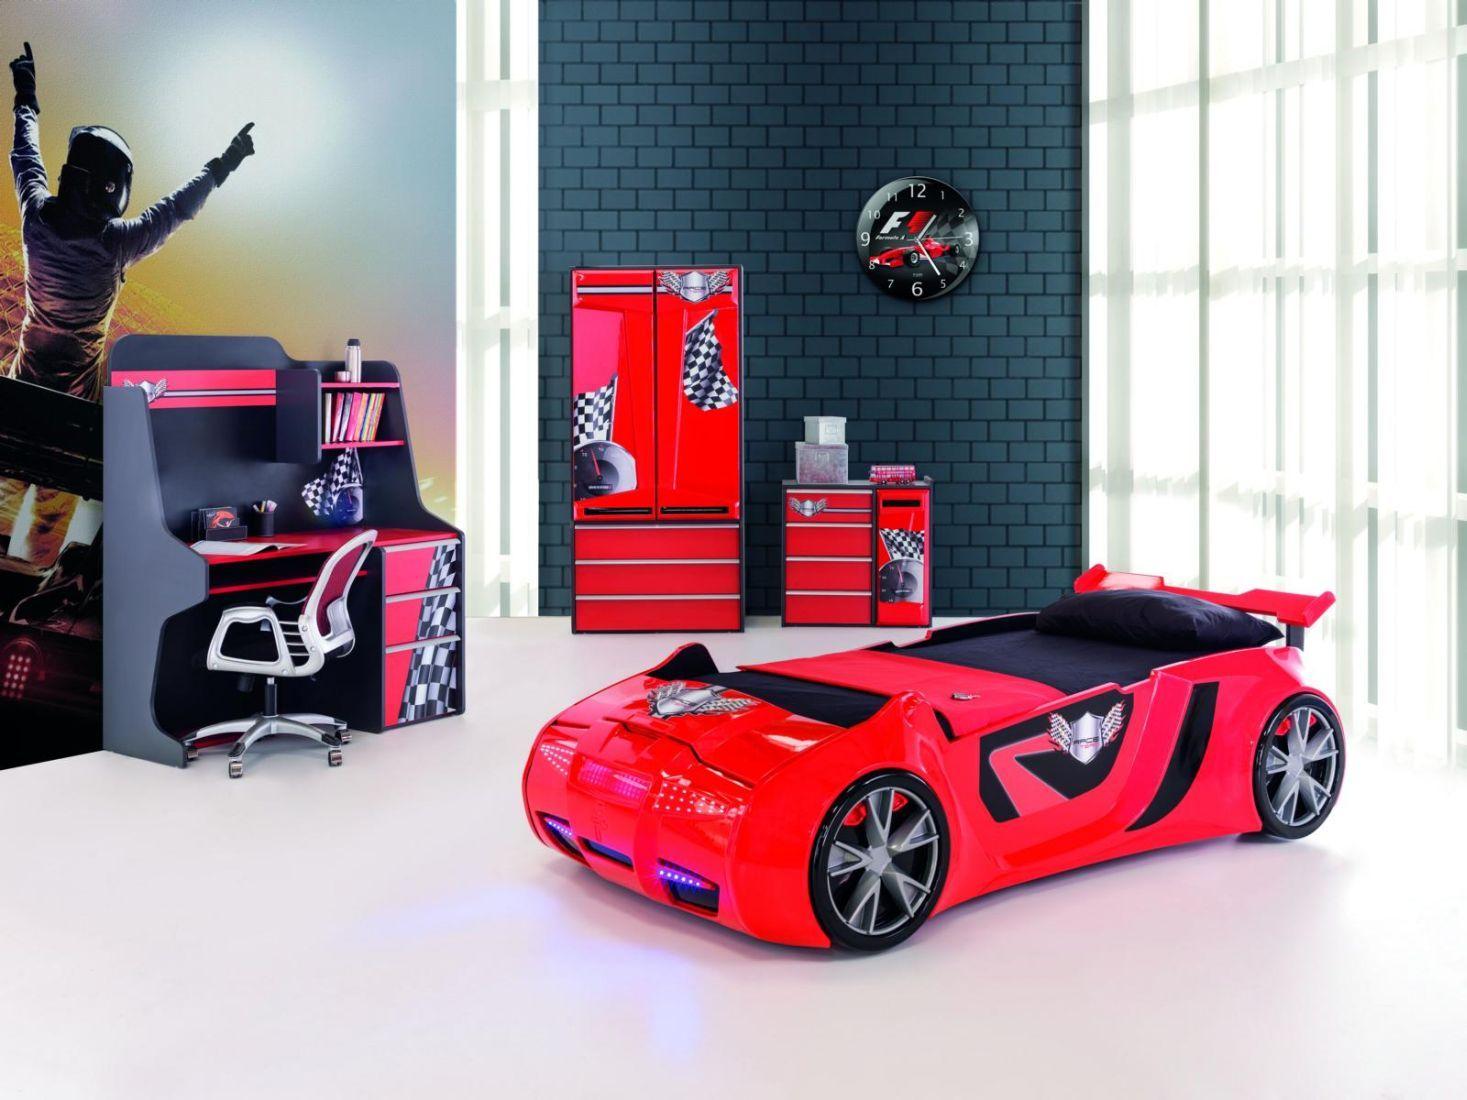 Kinderbett auto bmw  34 best Schöne Kinderbetten und Autobetten images on Pinterest | 3 ...